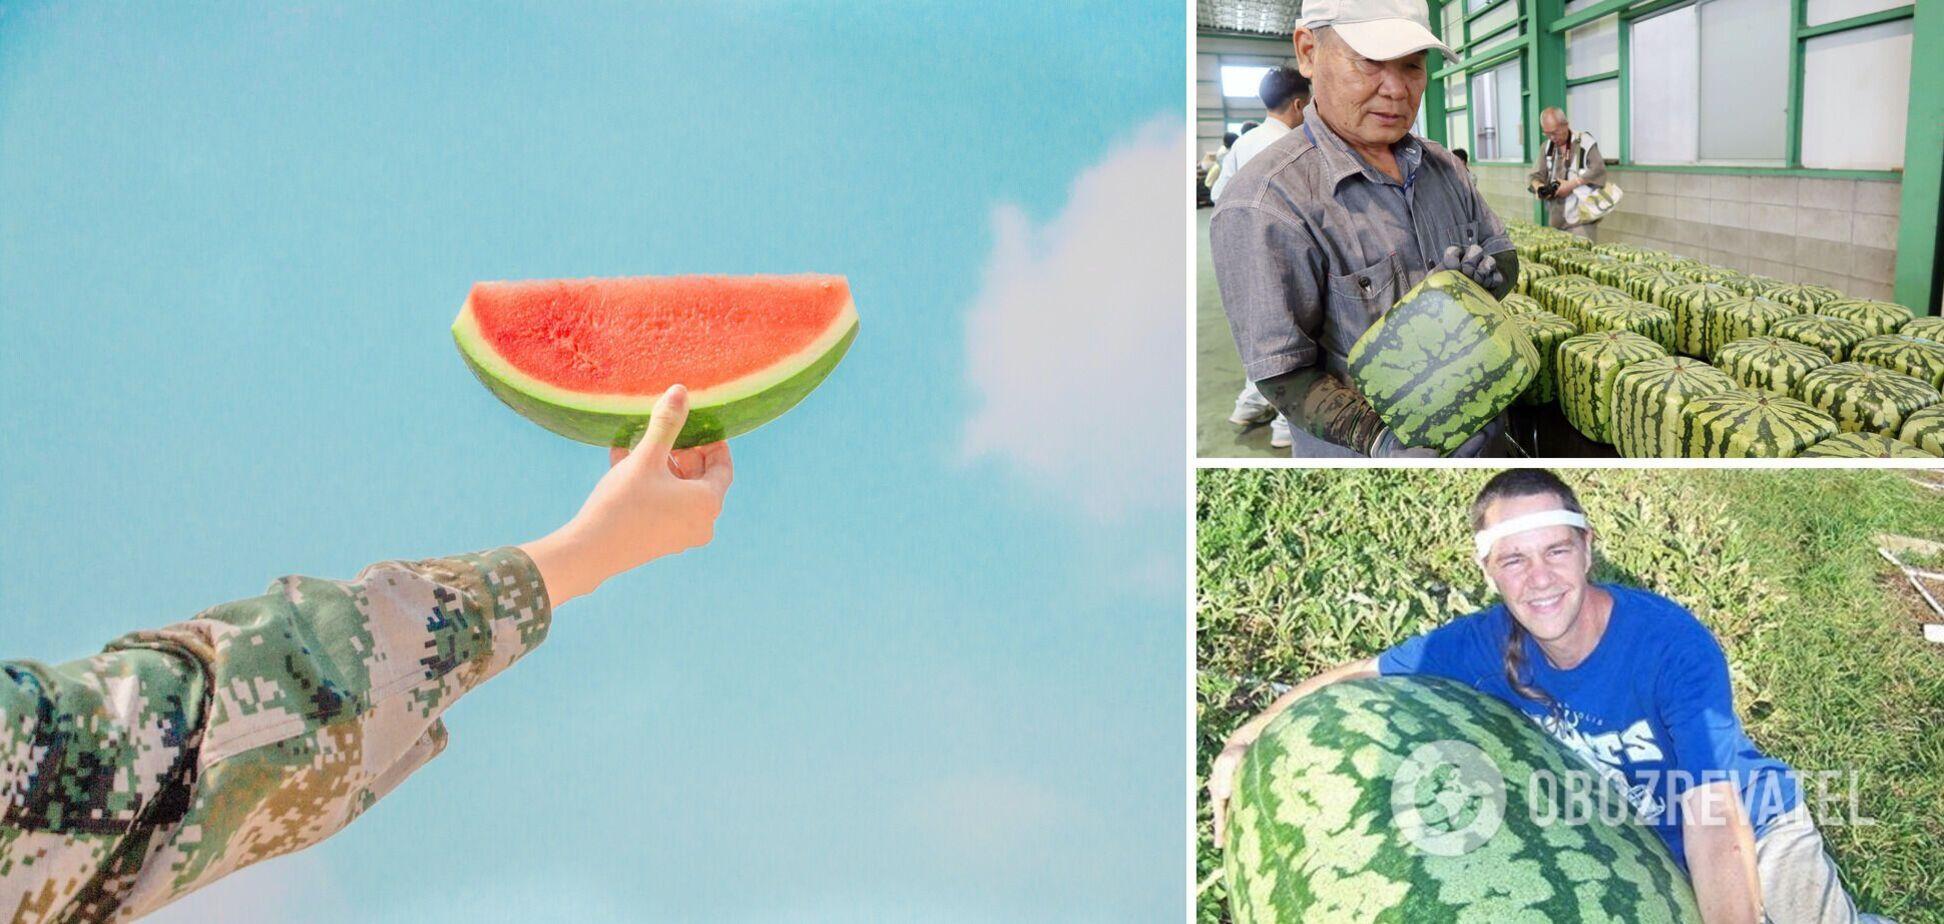 Всемирный день арбуза празднуют 3 августа